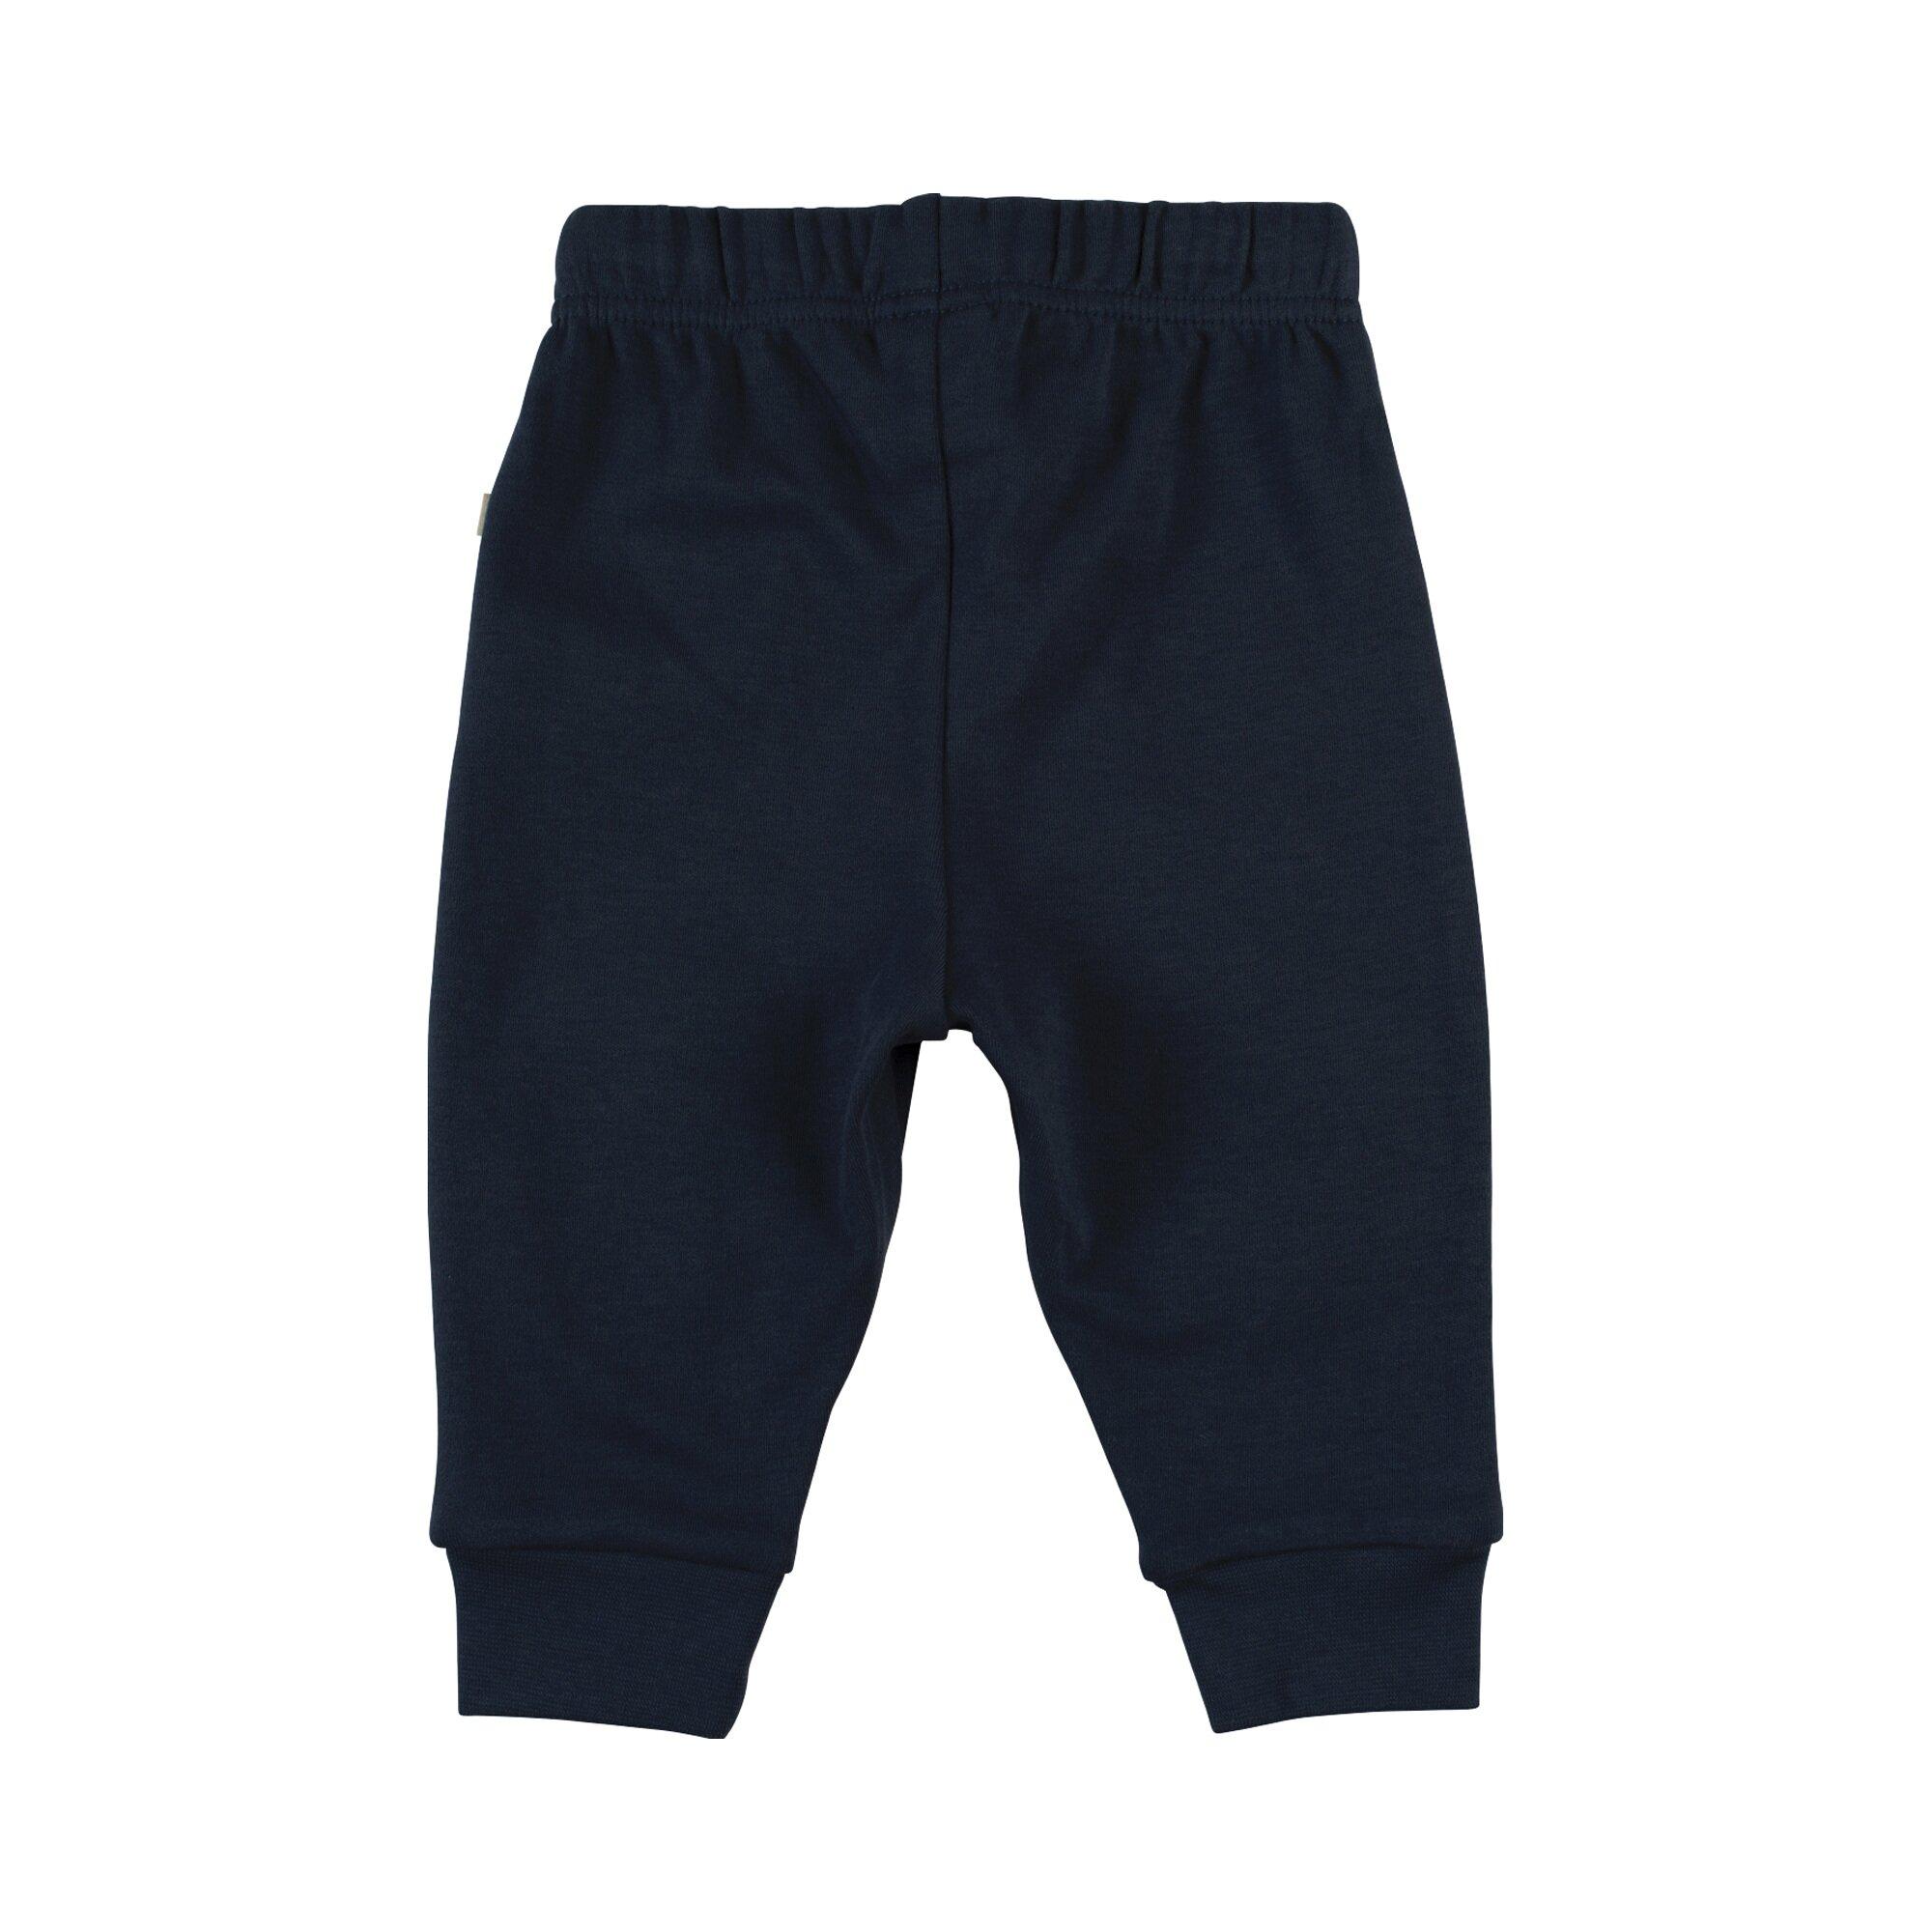 frugi-jogginghose-knee-patch-blau-62-68-74-80-86